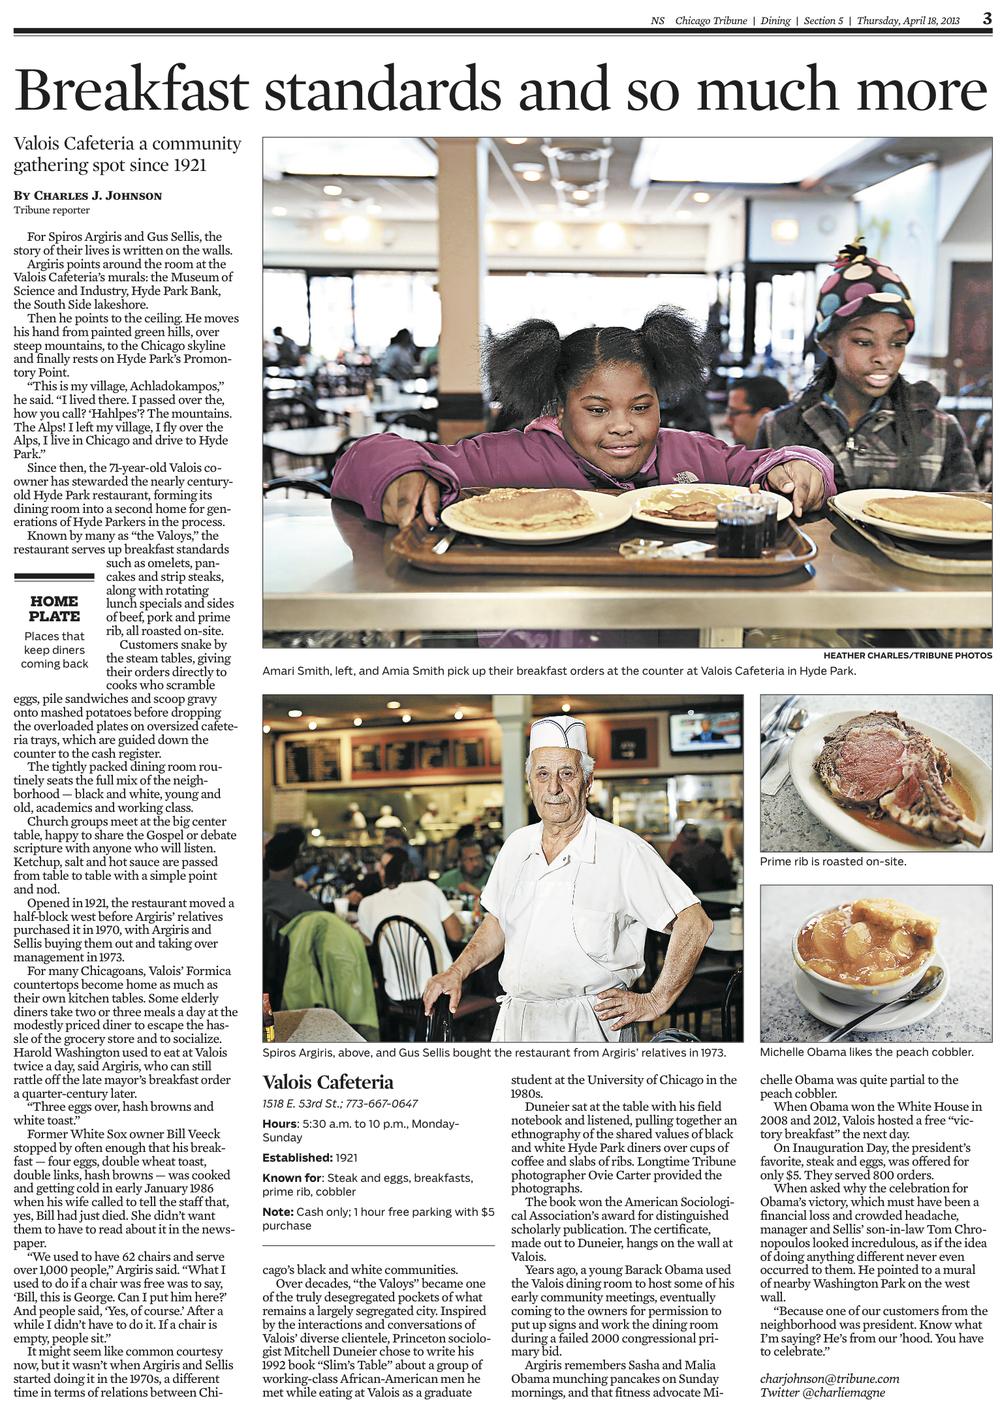 Chicago Tribune April 18, 2013